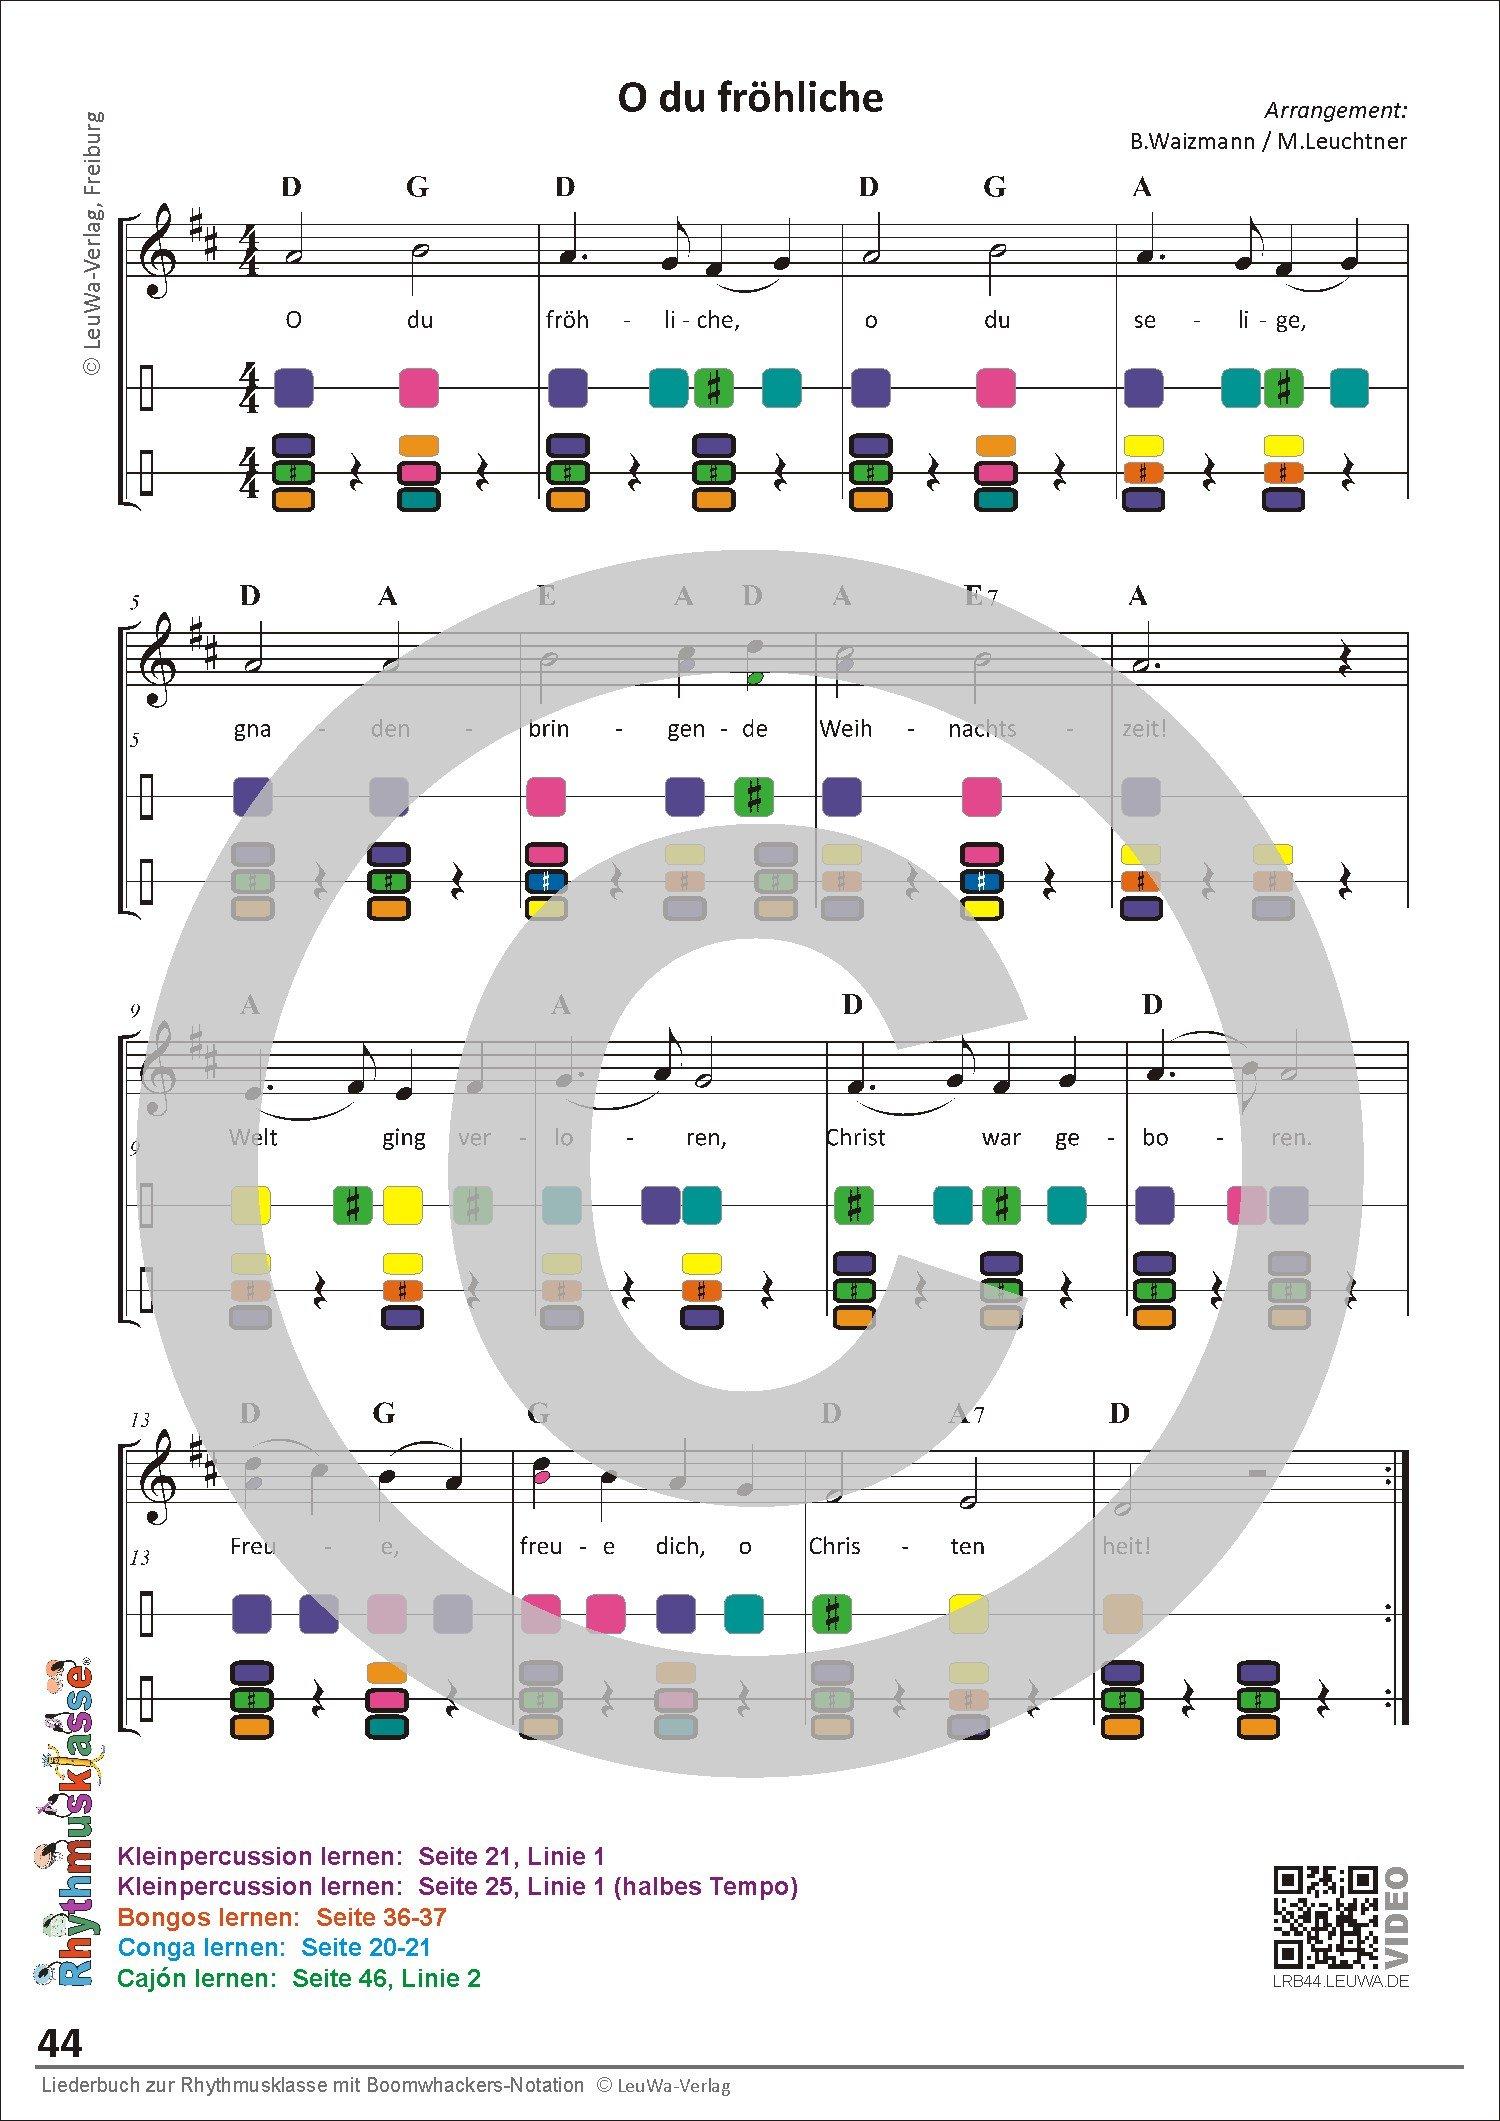 Liederbuch zur Rhythmusklasse - Beispielseite 44